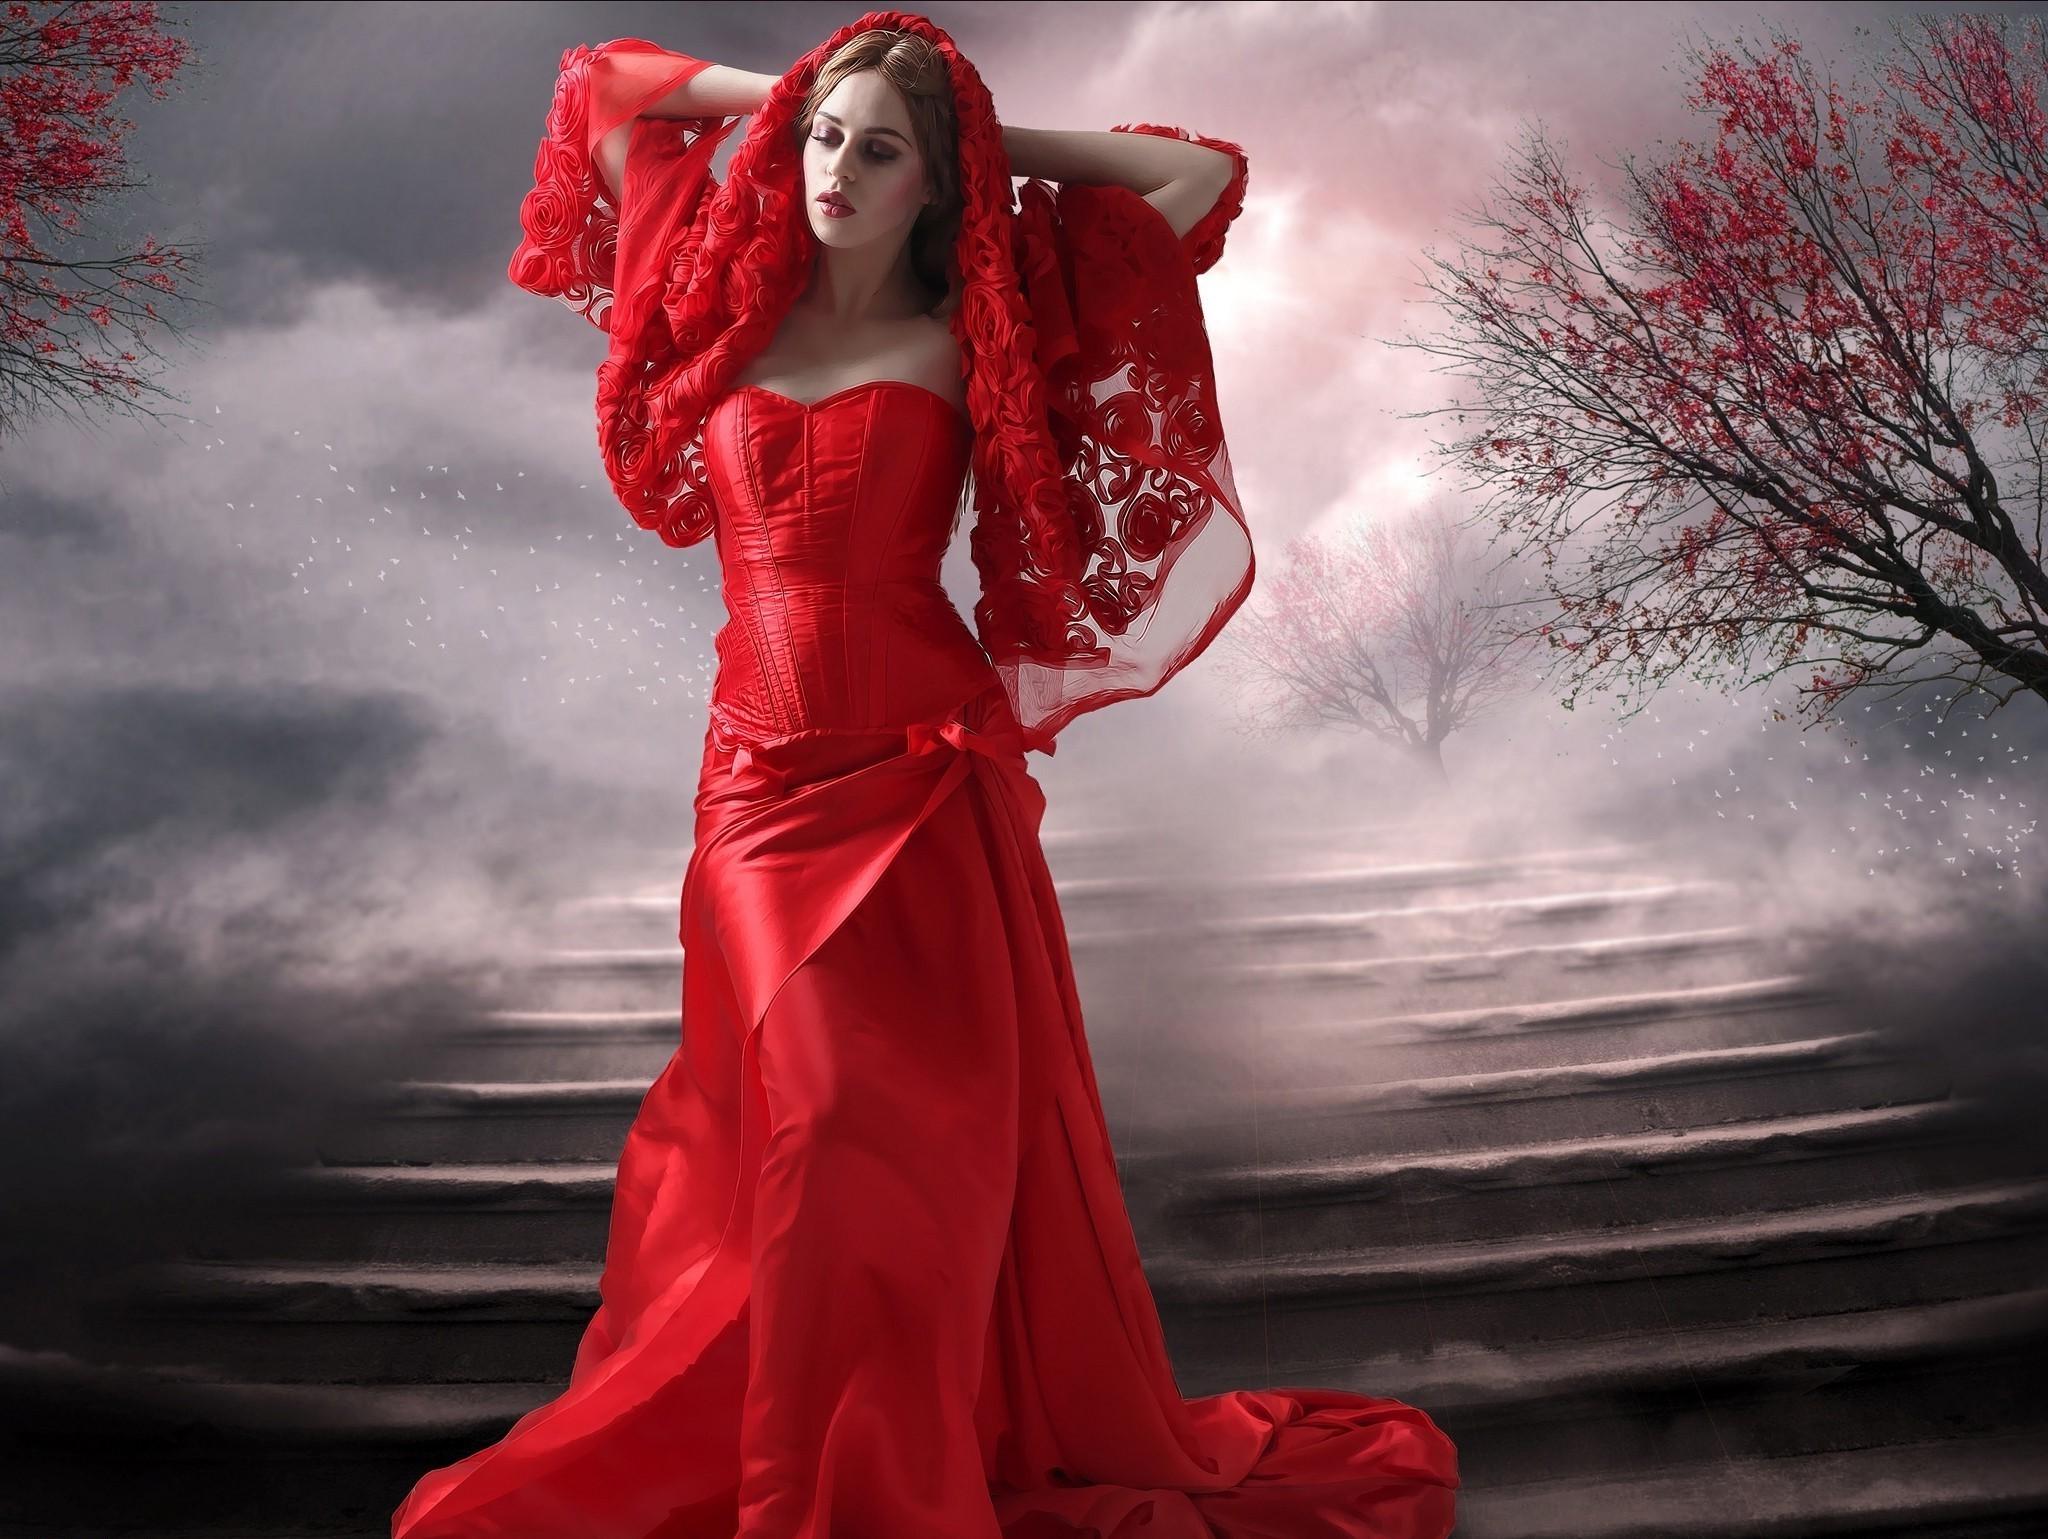 это красивая картинка леди в красном туристам, раз посещавшим